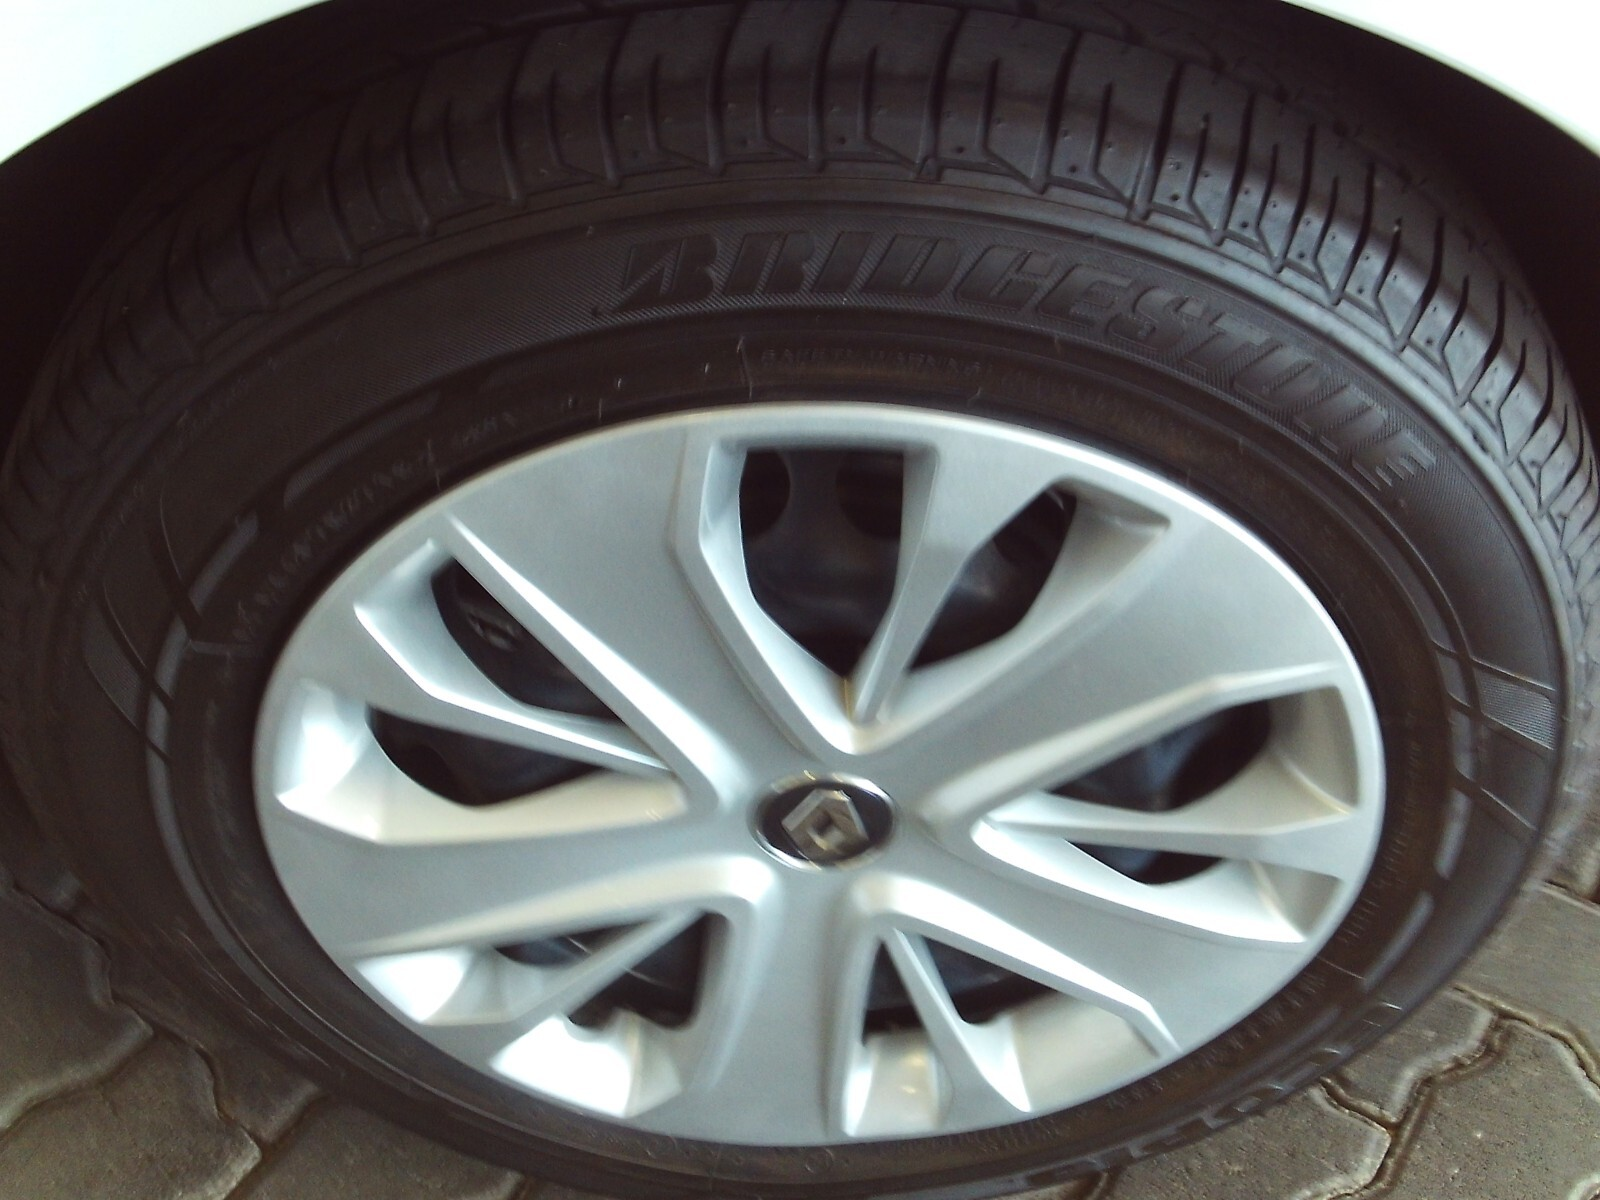 RENAULT IV 900T AUTHENTIQUE 5DR (66KW) Pretoria 18326862